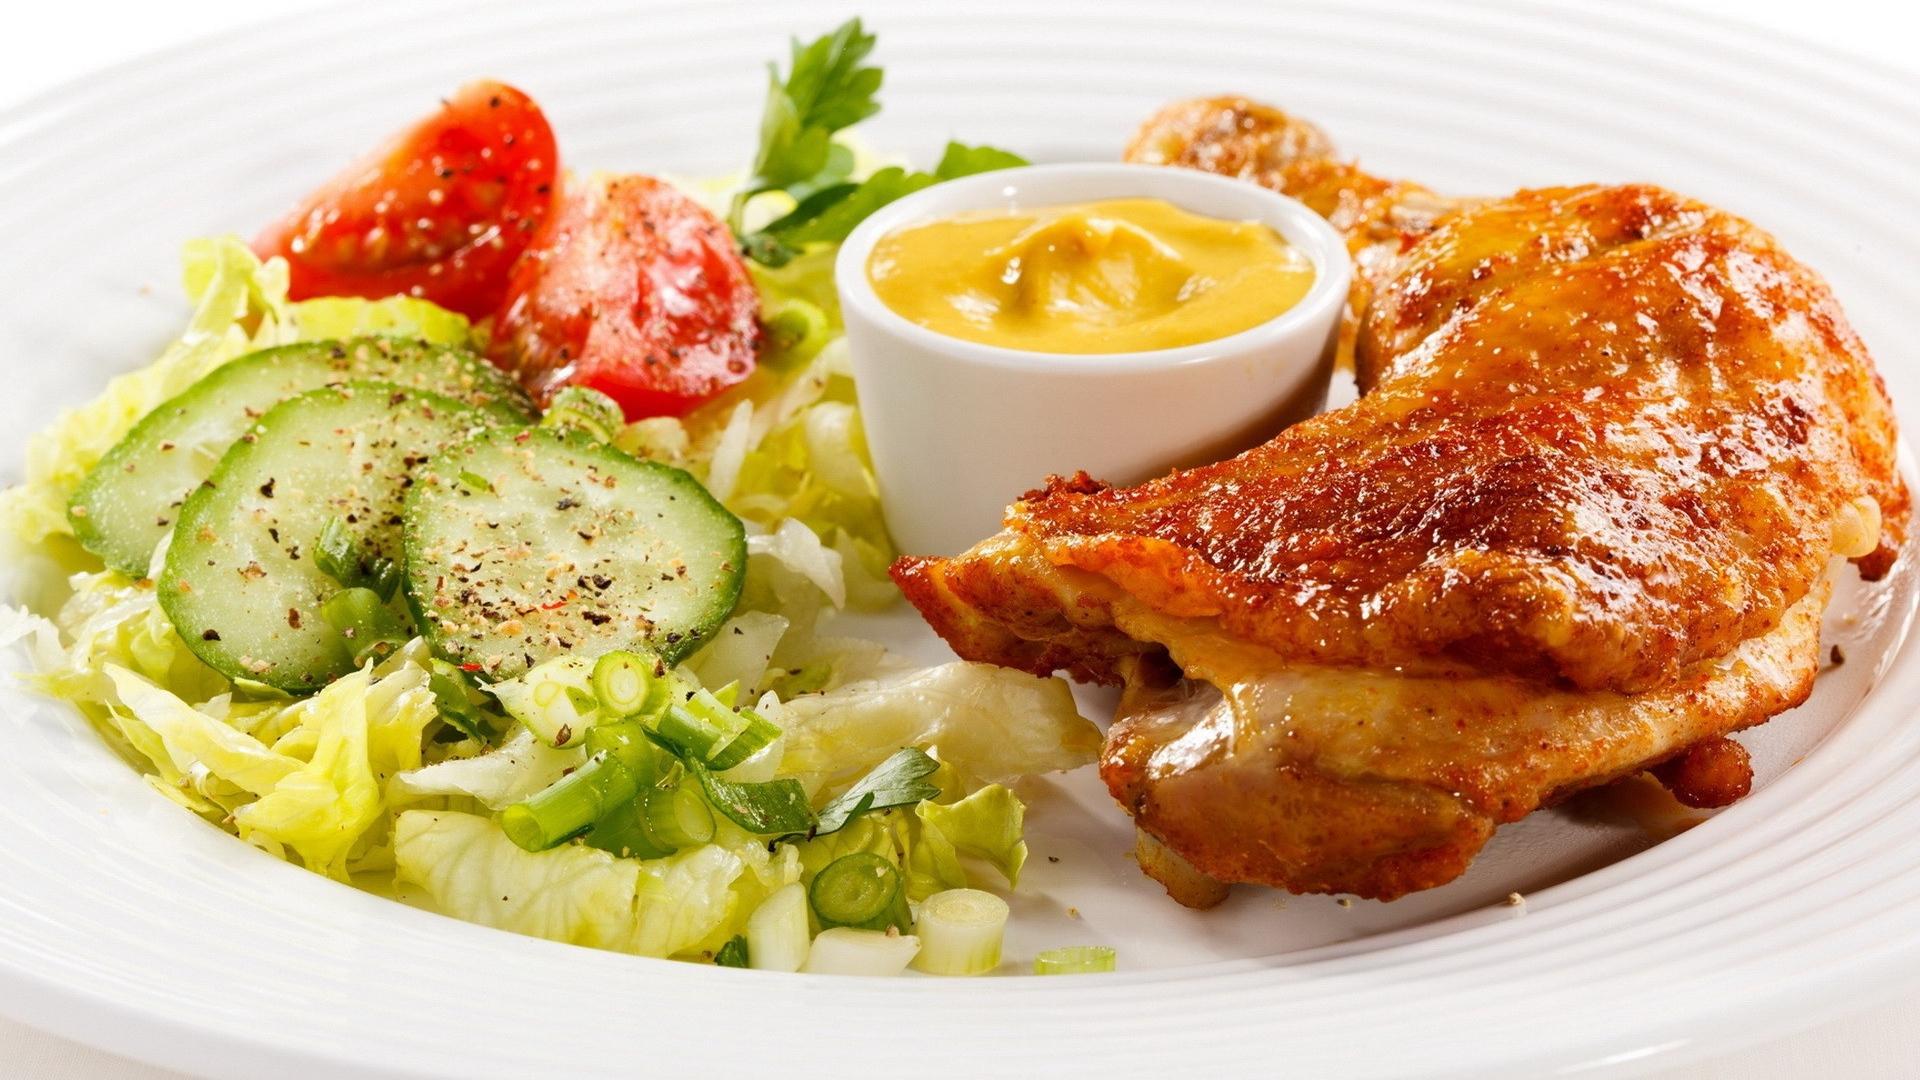 chicken_sauce_fresh_herbs_vegetables_71569_1920x1080.jpg